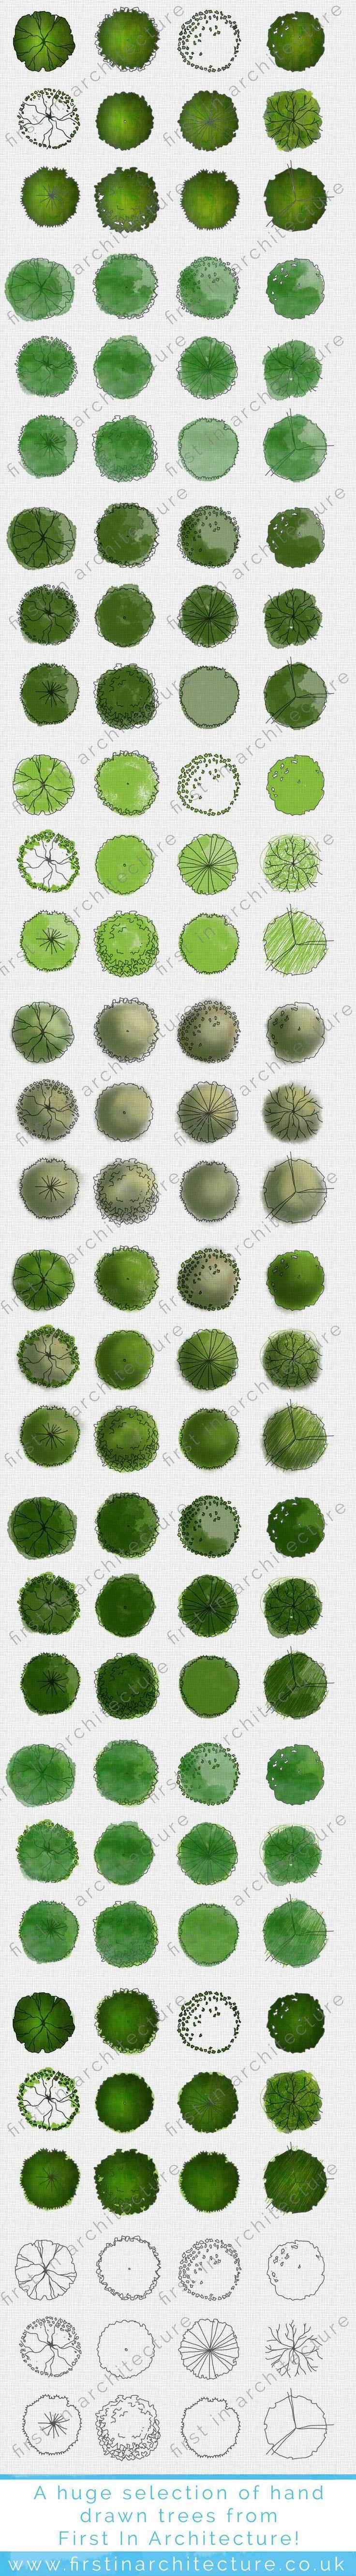 Hand drawn Trees | Árvores desenhadas a mão | Planta Baixa | Hidrocor | Arquitetura